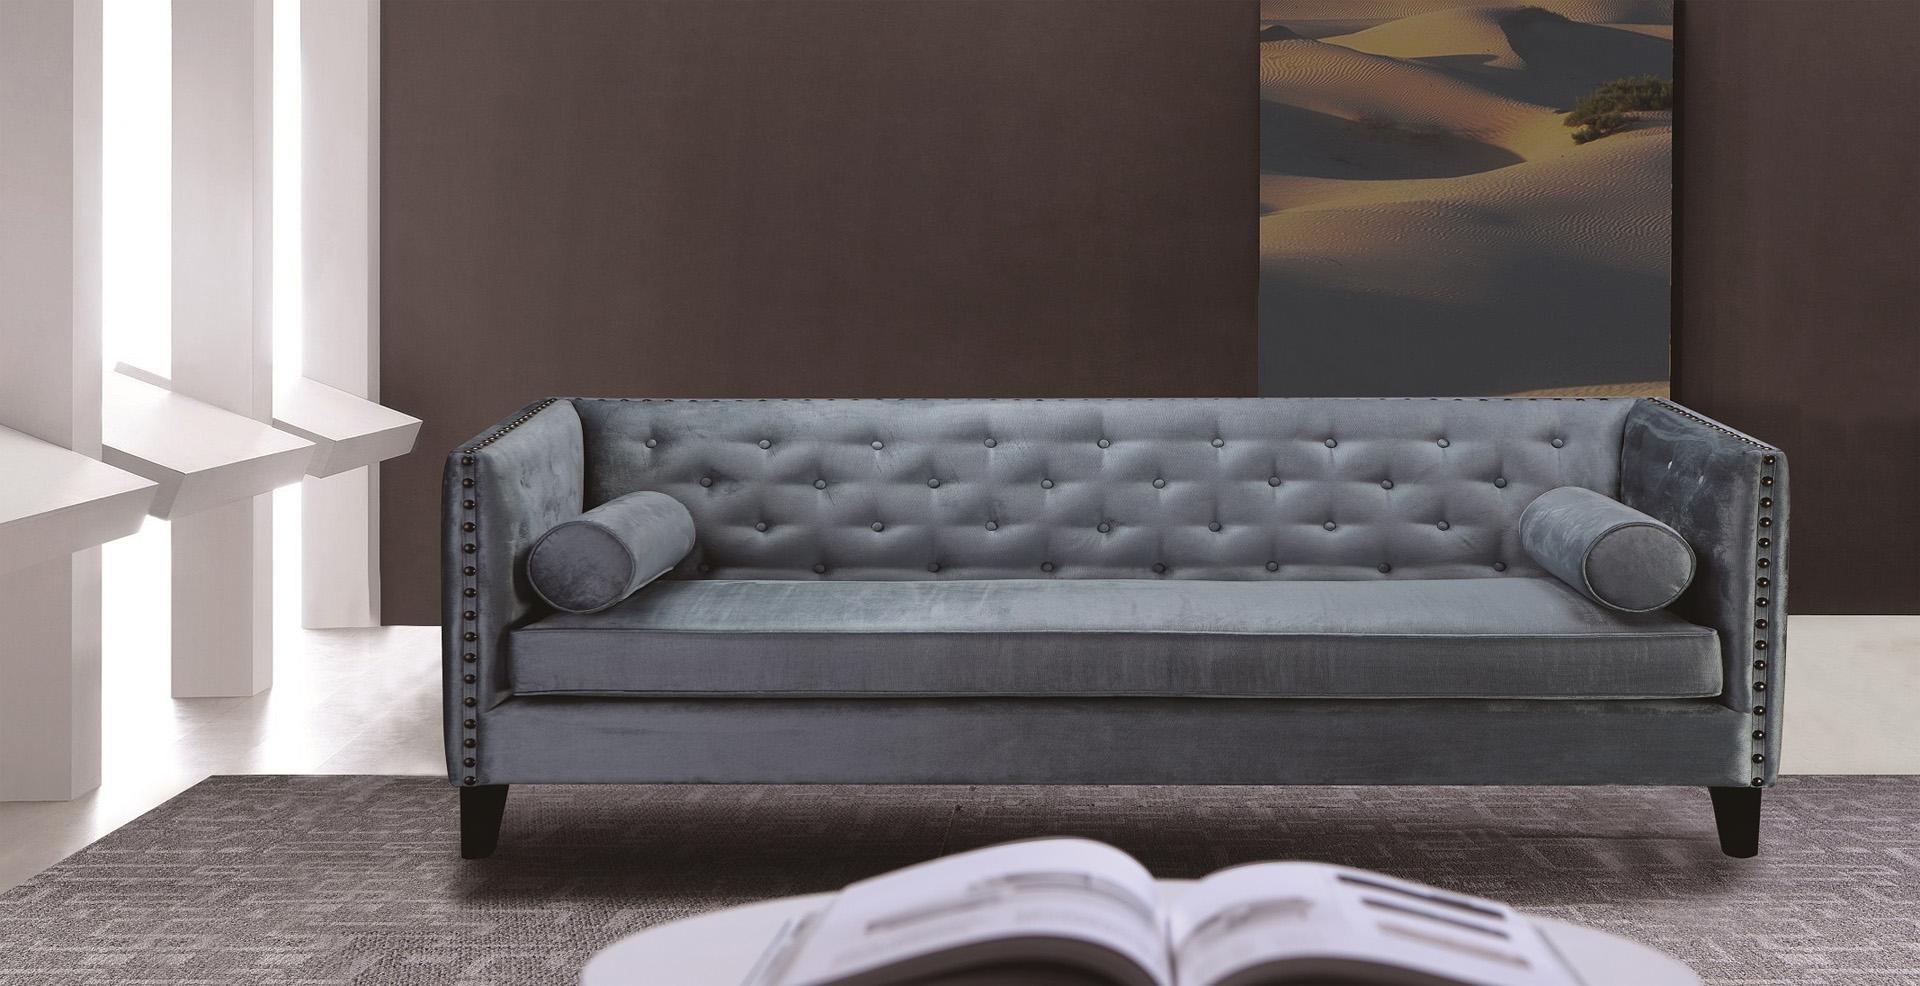 Full Size of Couch Sofa 215 Cm Breit Grau Blauer Stoffbezug Sit4sofa Kolonial Garnitur 2 Teilig Bunt Sitzer 3 Elektrisch Mit Schlaffunktion Federkern Sofort Lieferbar Sofa Sofa Breit